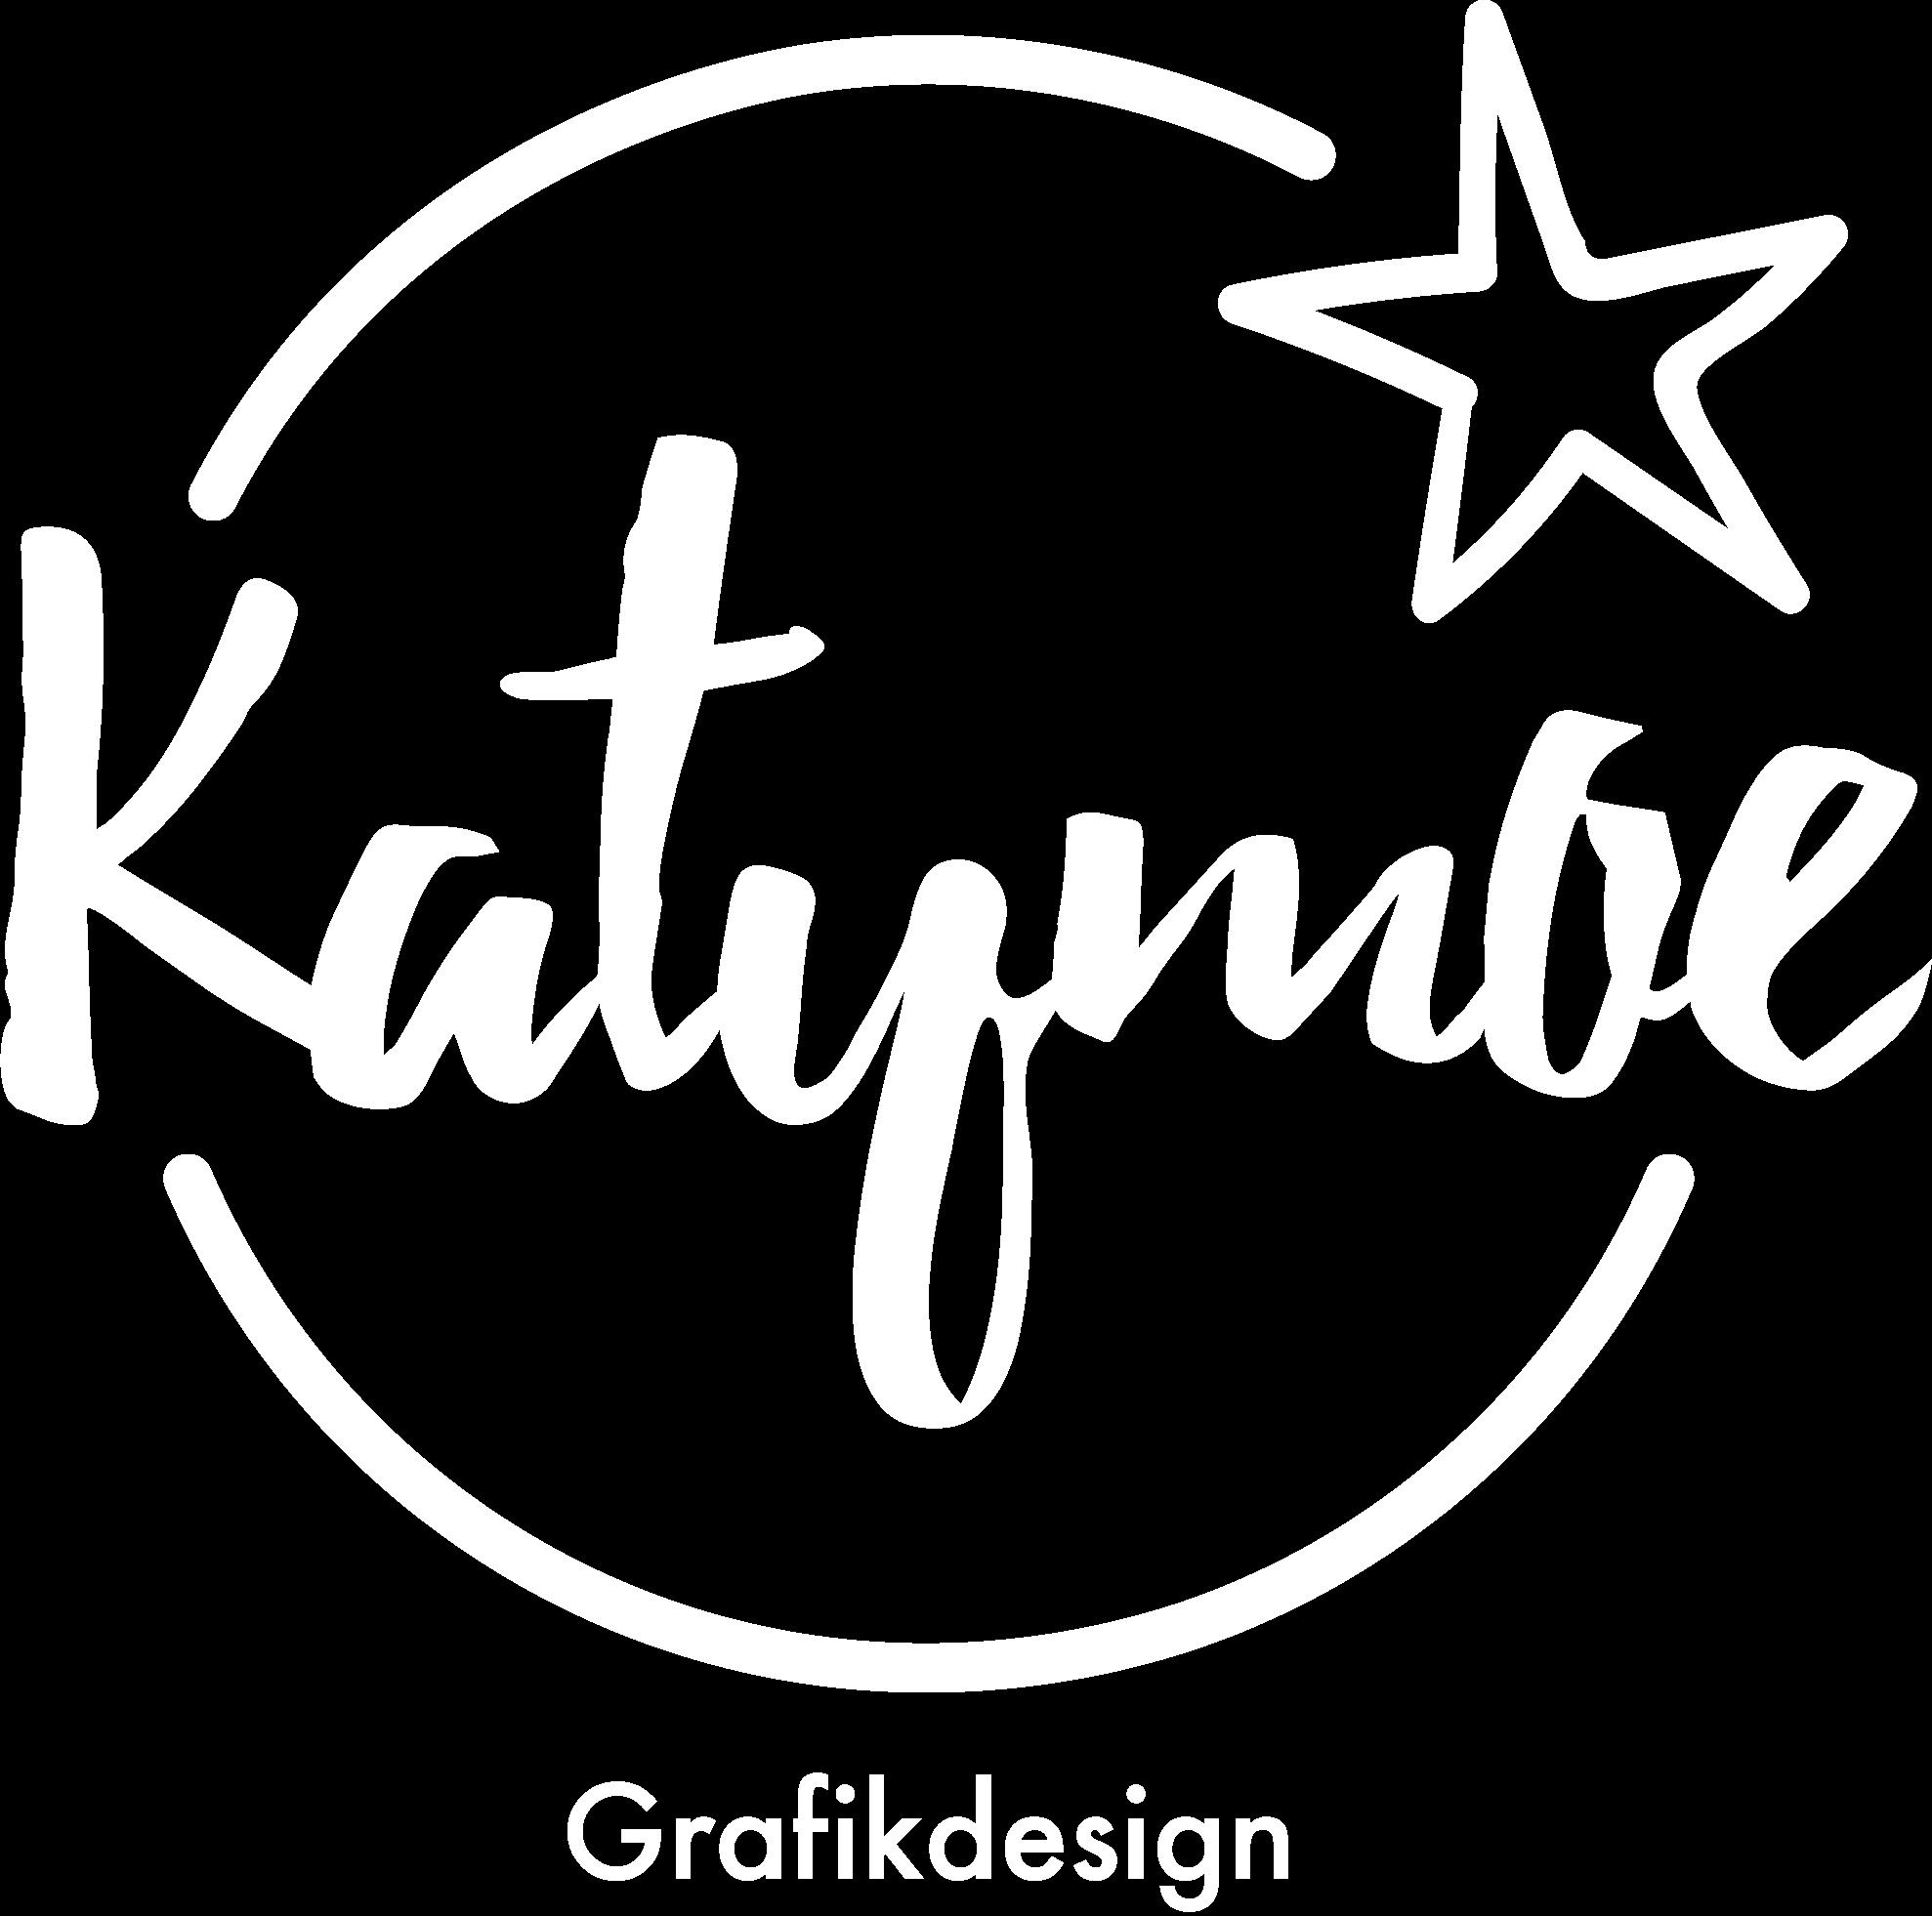 katymoe